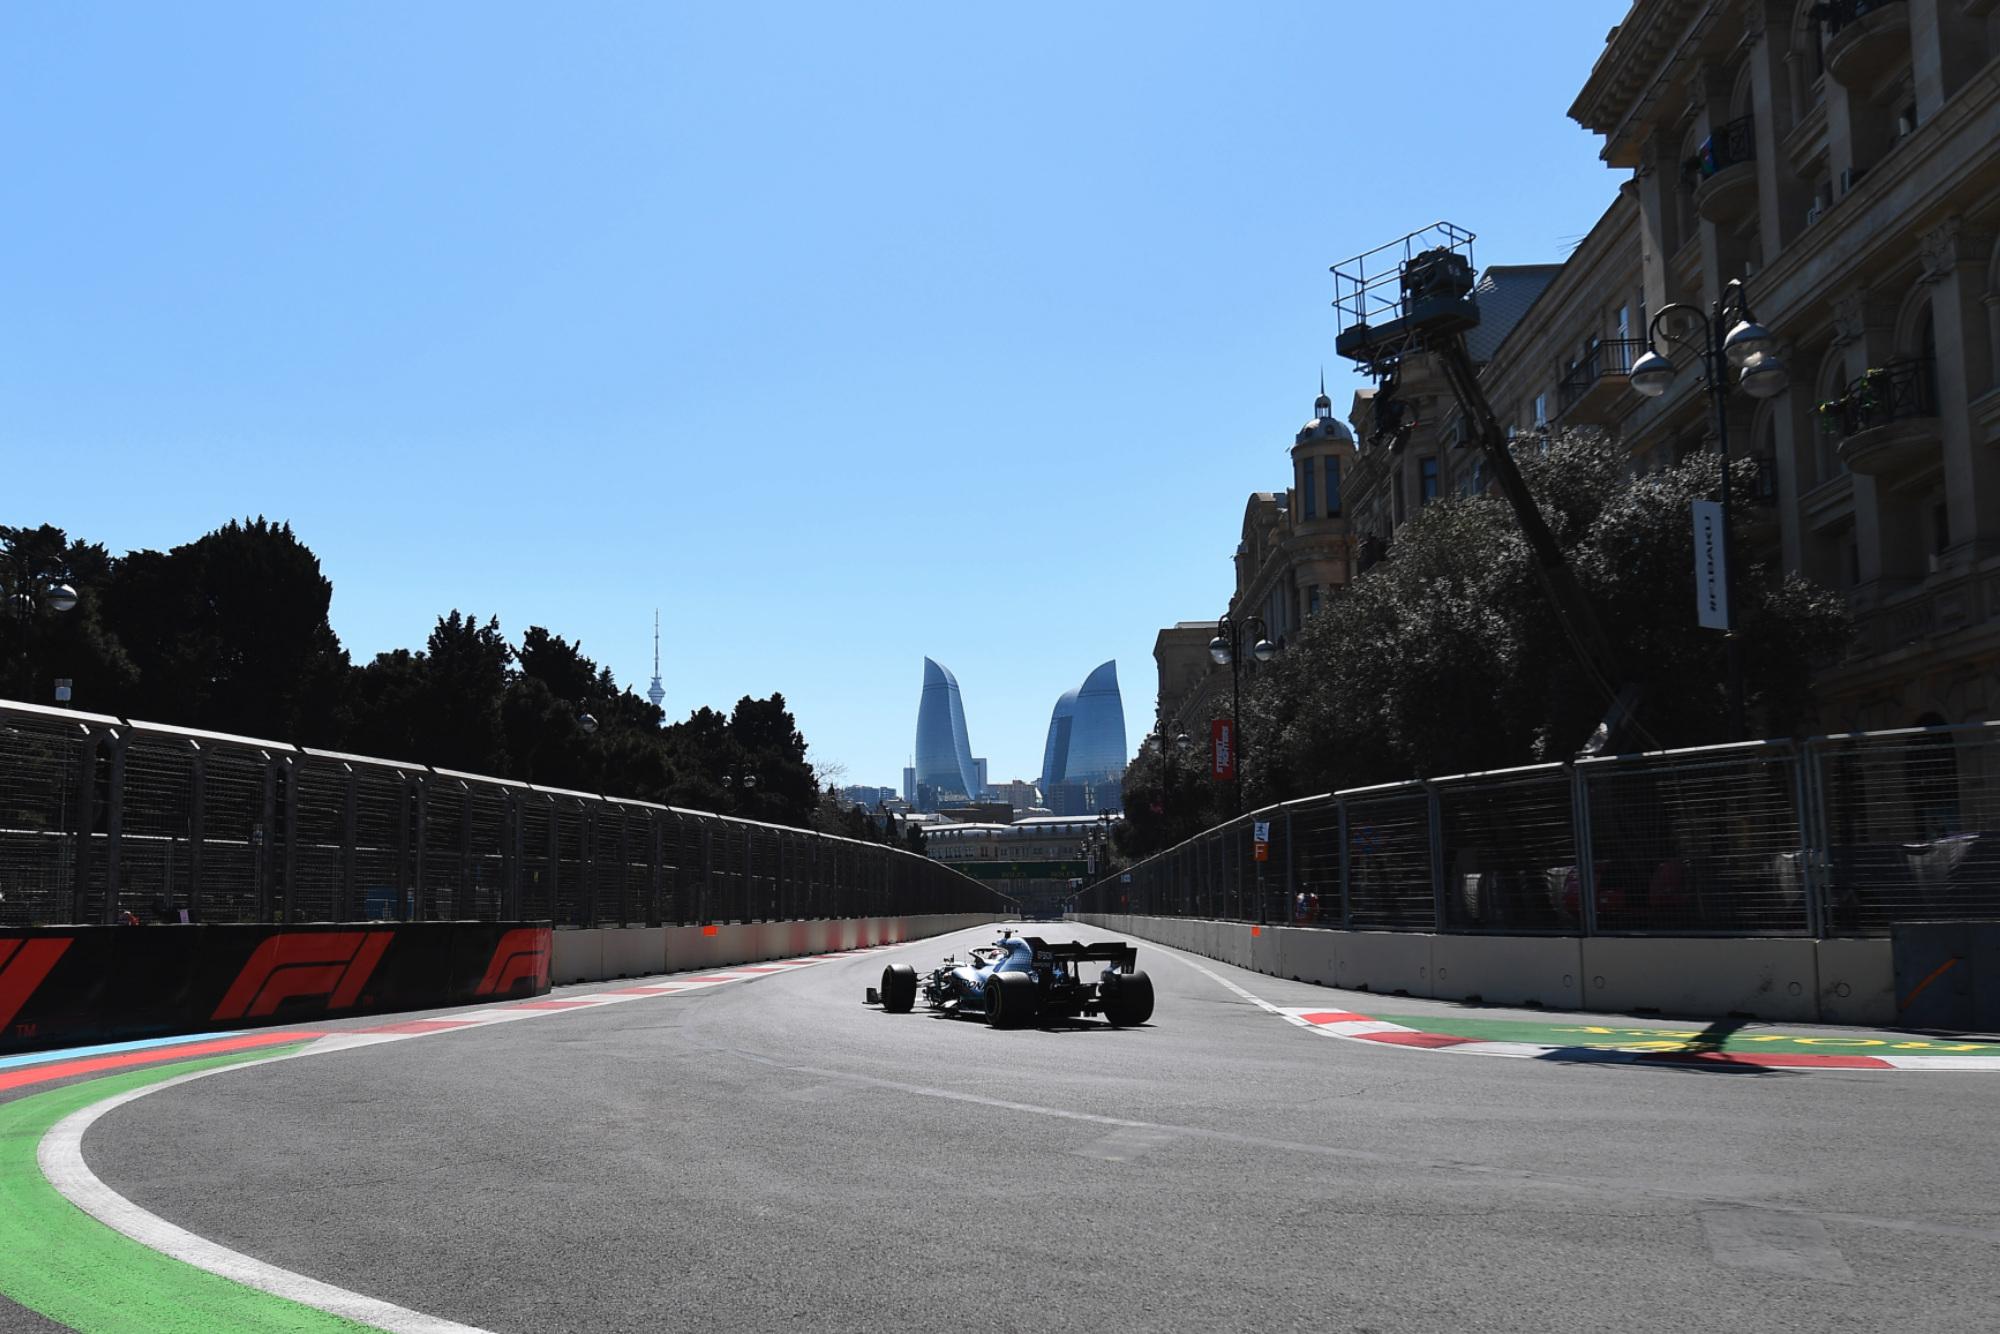 Lewis Hamilton during the 2019 Azerbaijan Grand Prix